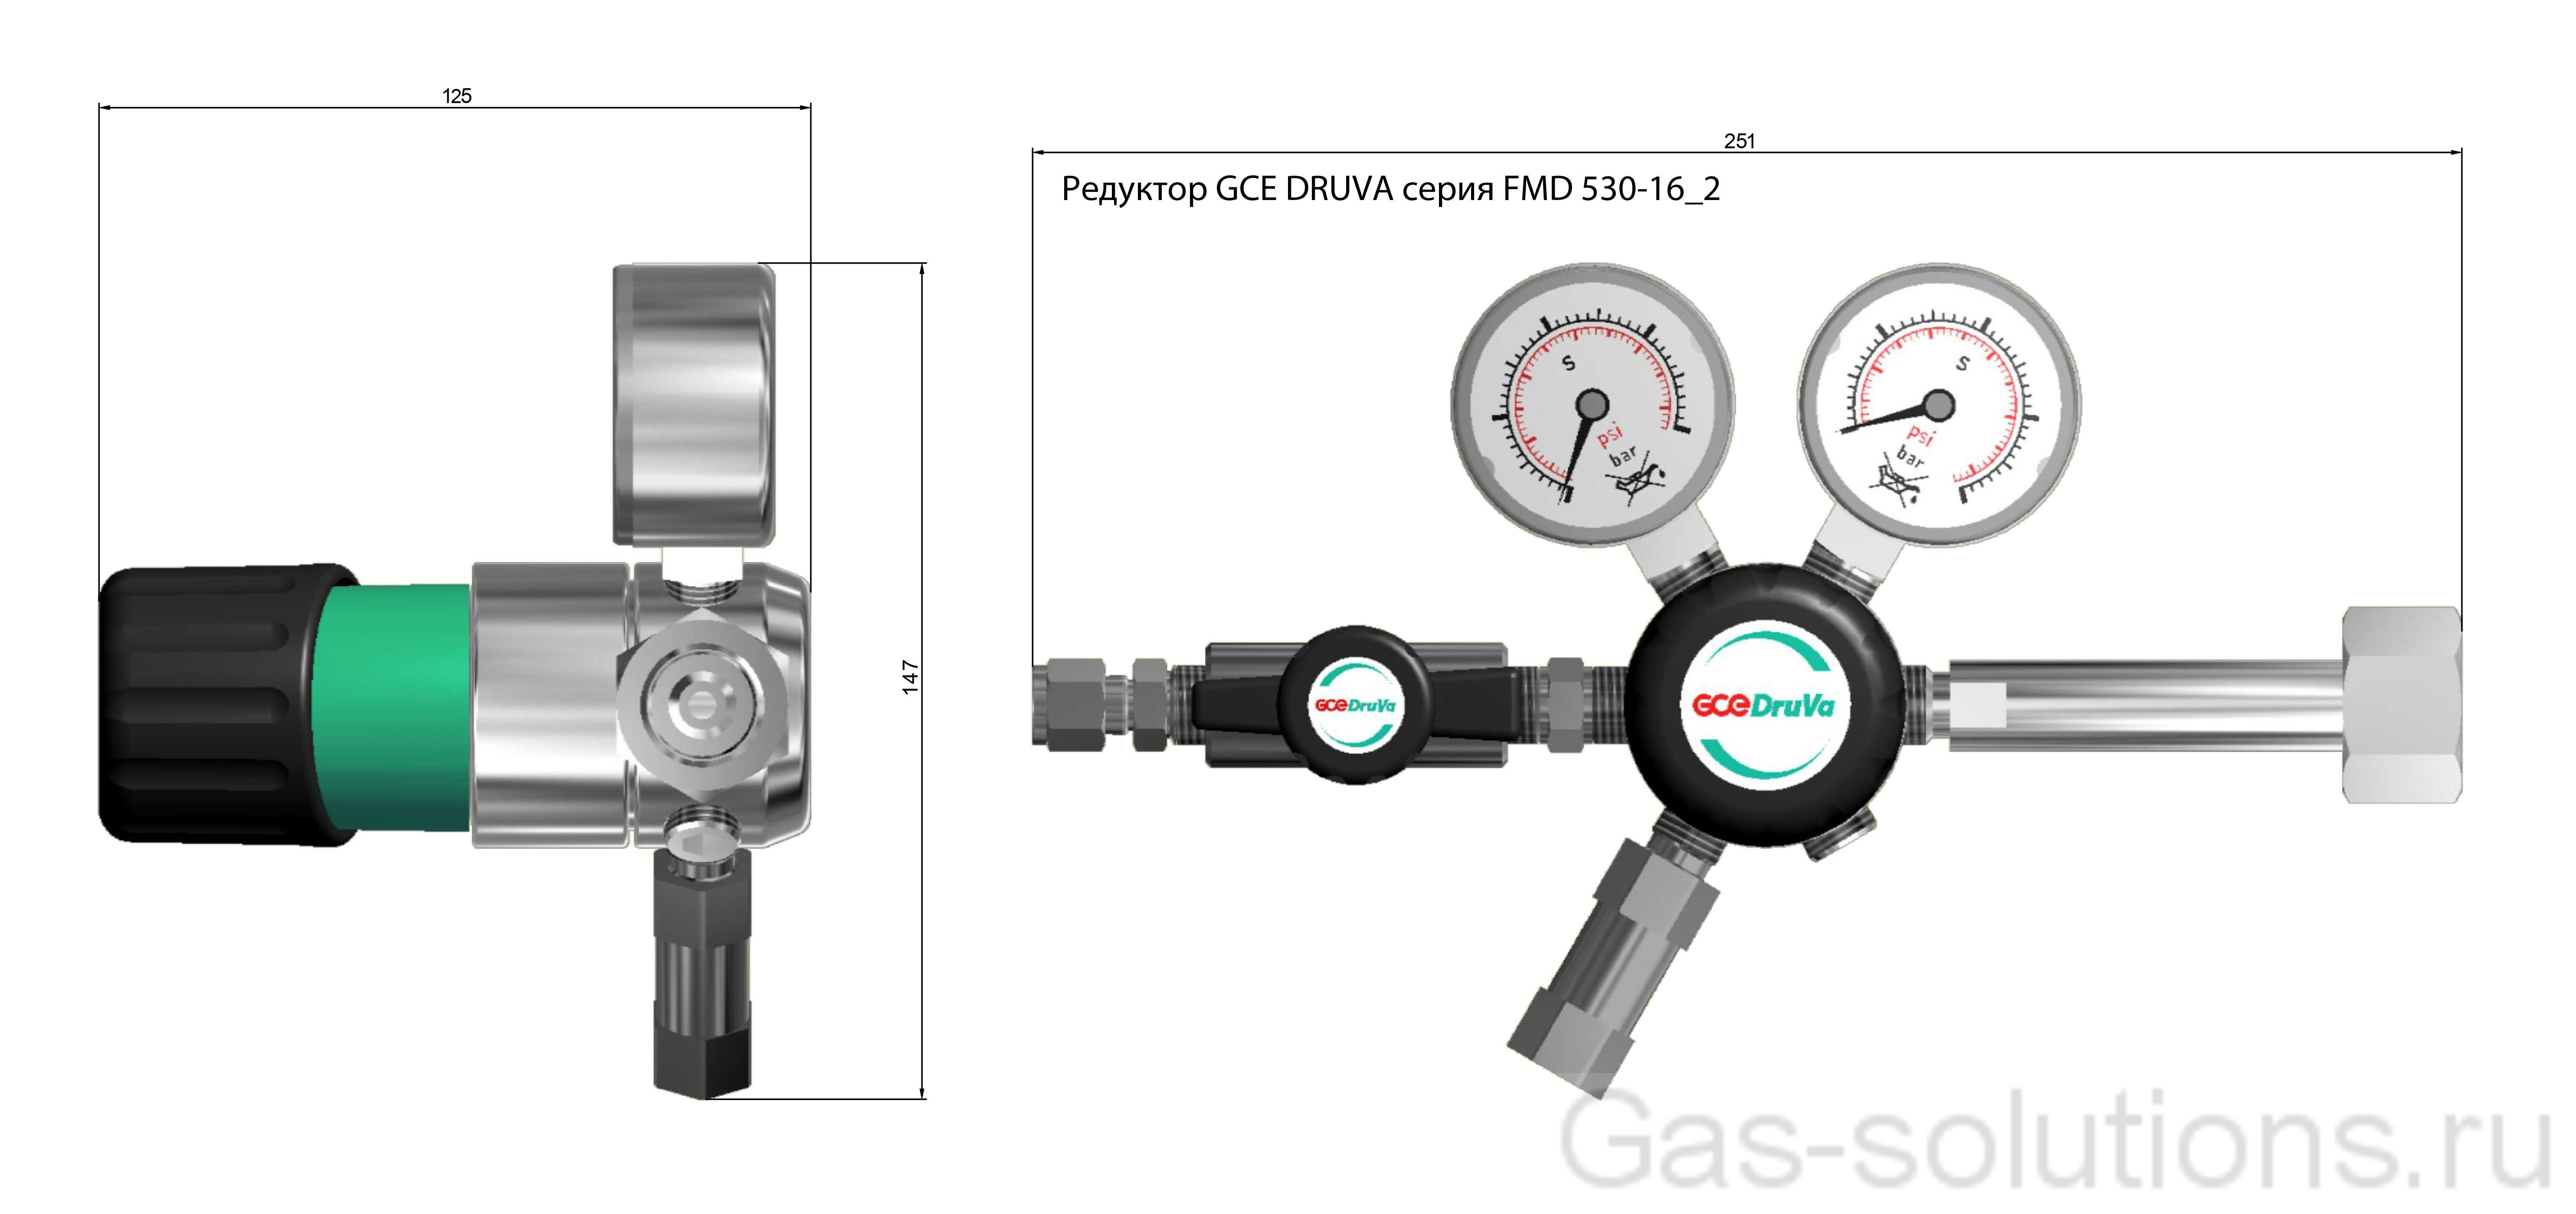 Редуктор GCE DRUVA серия FMD 530-16_2